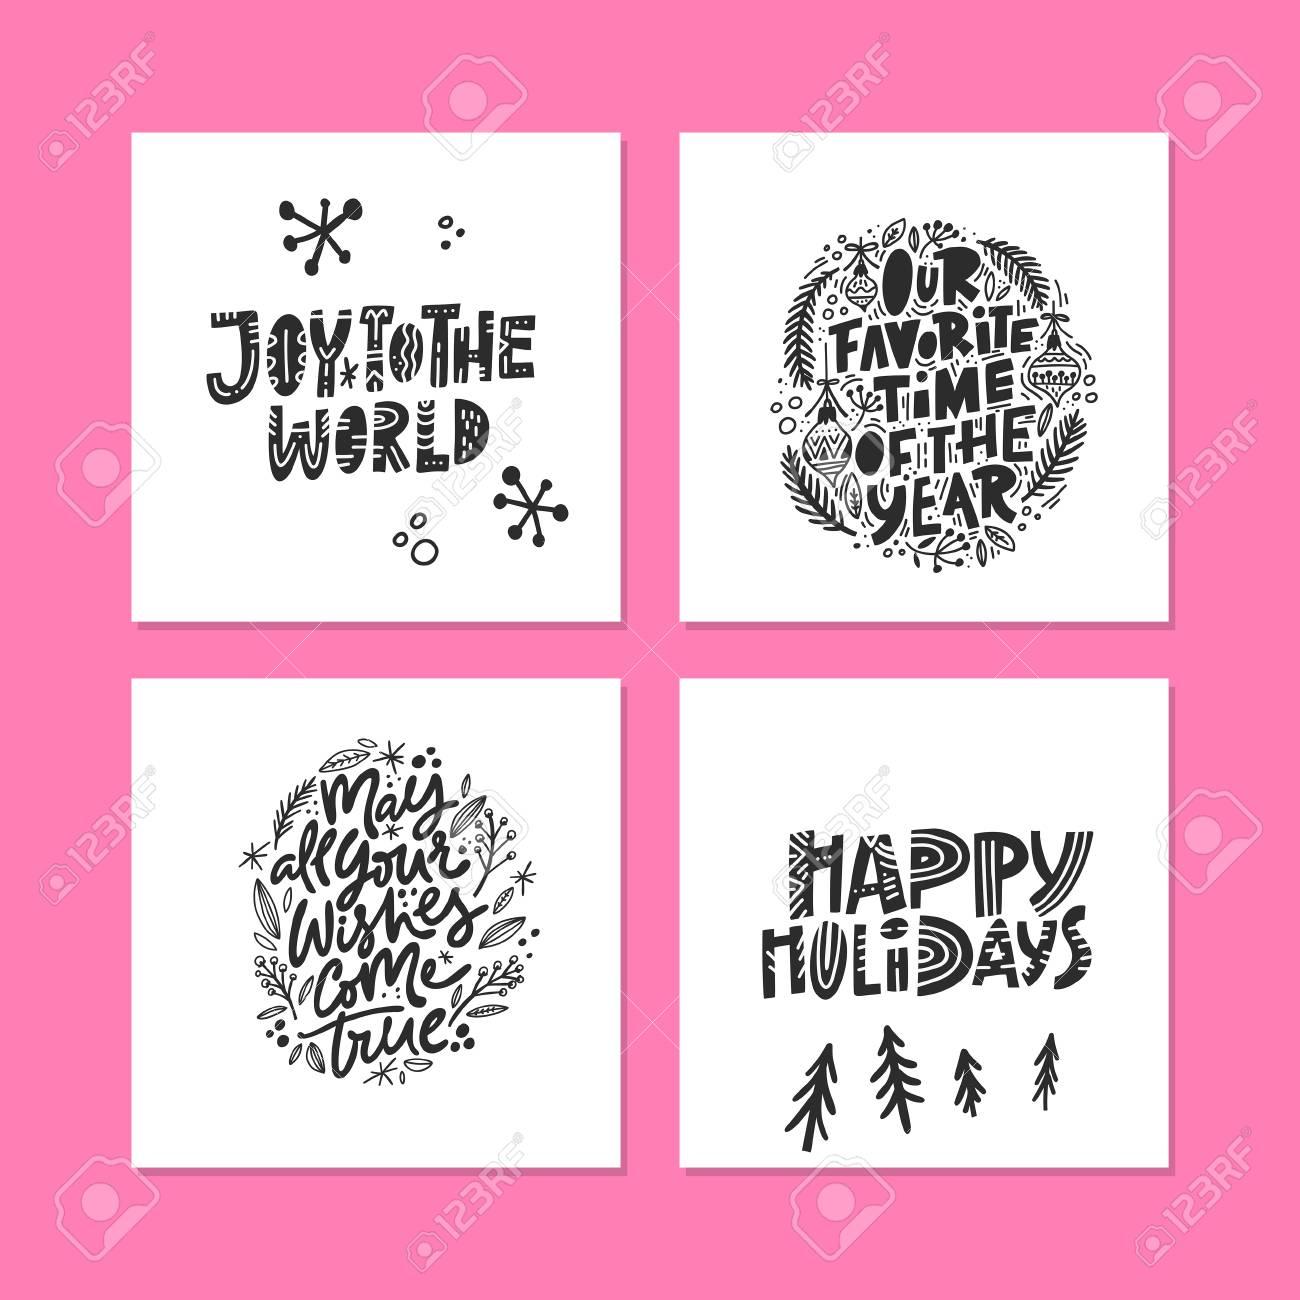 Frases De Caligrafia De Férias De Inverno Letras Manuscritas De Natal Para Cartões Cartazes Camisetas Etc